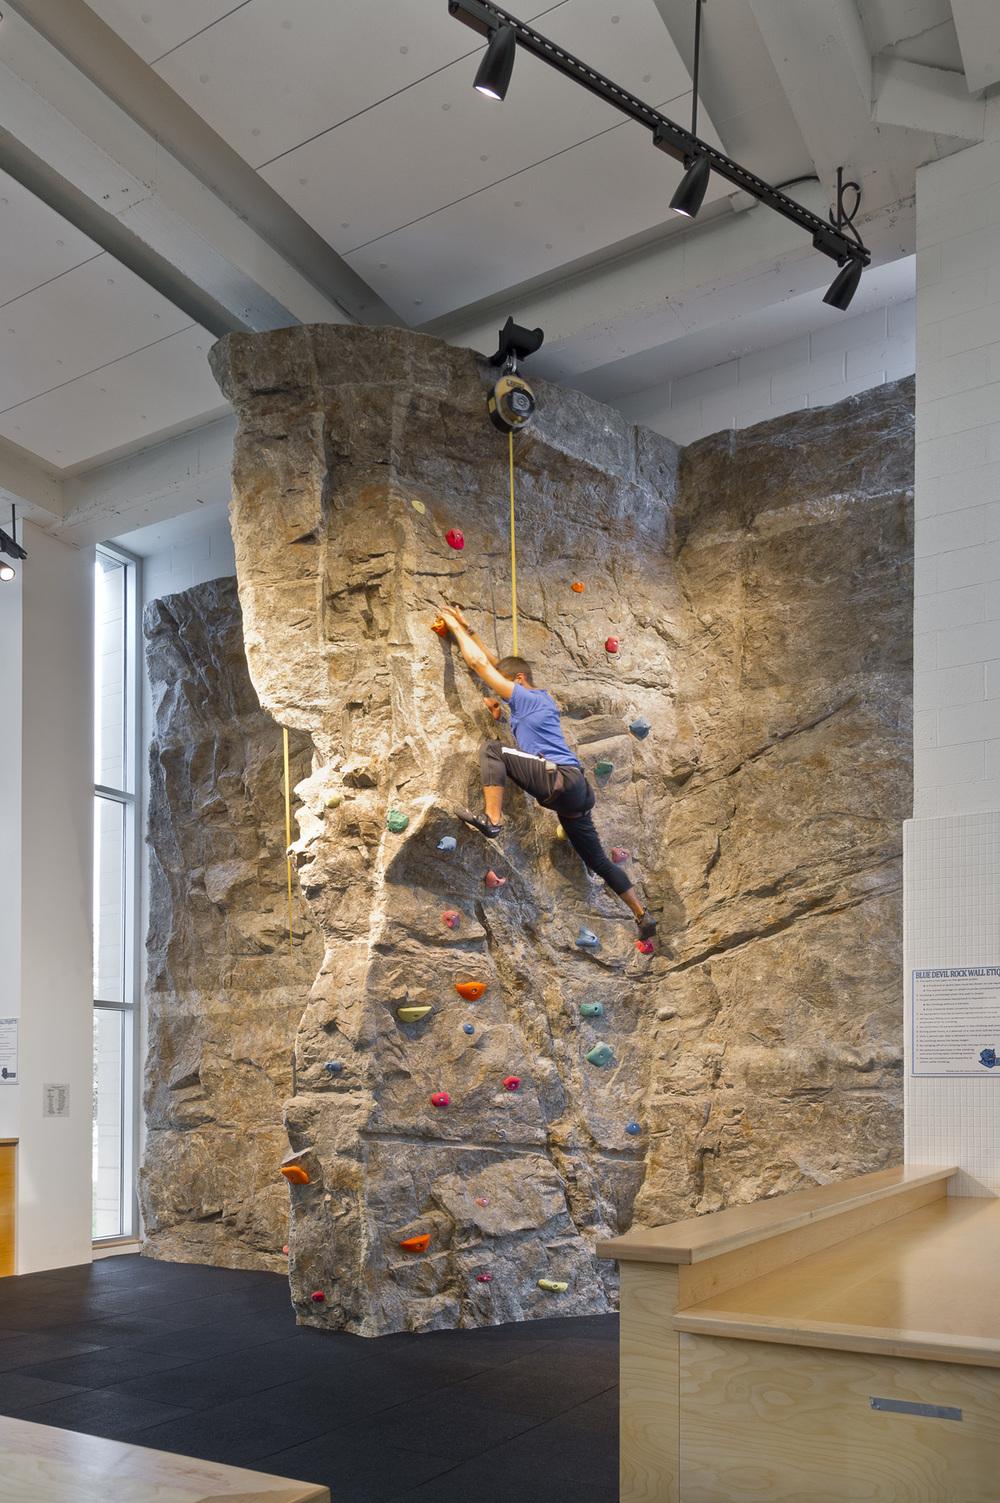 Dods Hall_14_int climbing wall.jpg